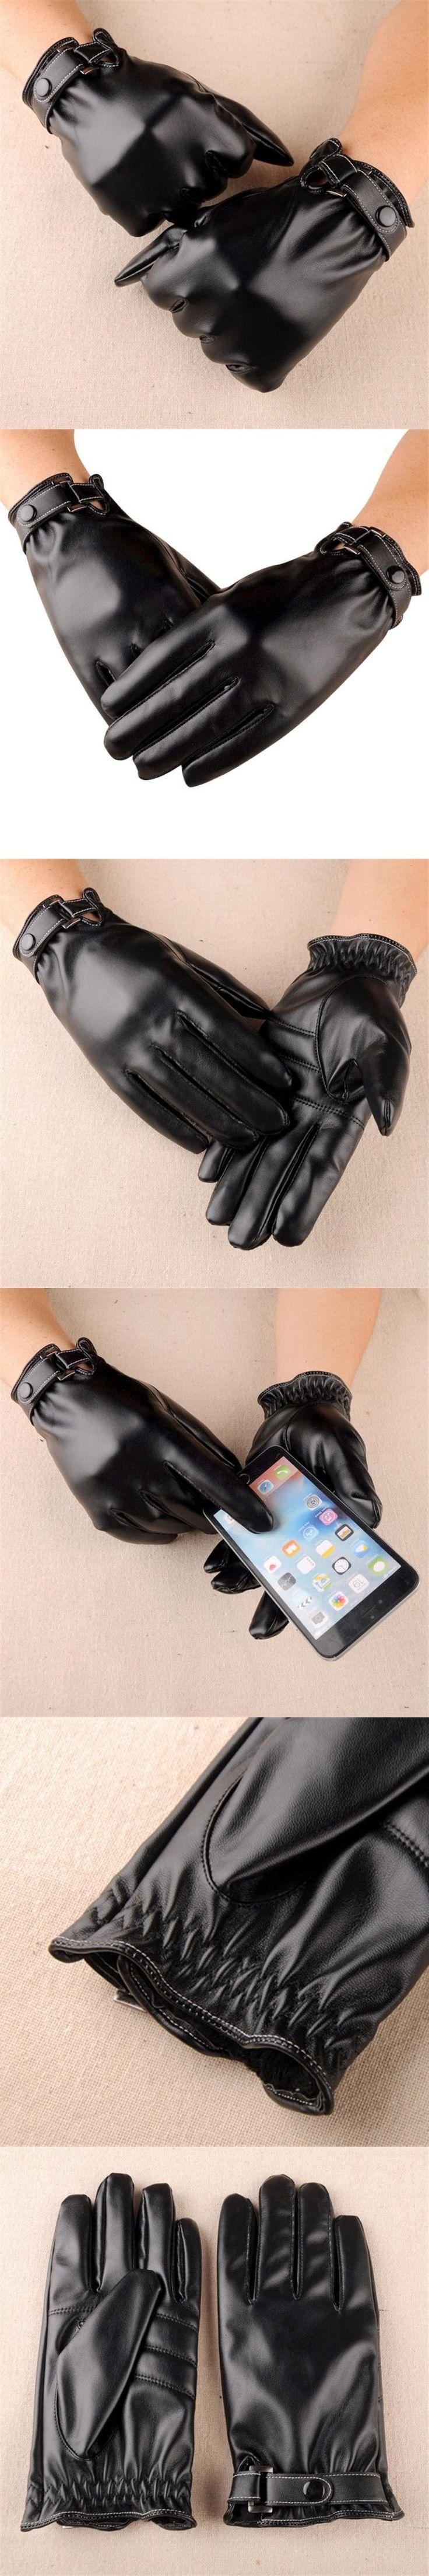 2017 Best Sale Fashion Men Winter Warm Soft Texting Driving Gloves Mitten gym gloves luvas de inverno guantes